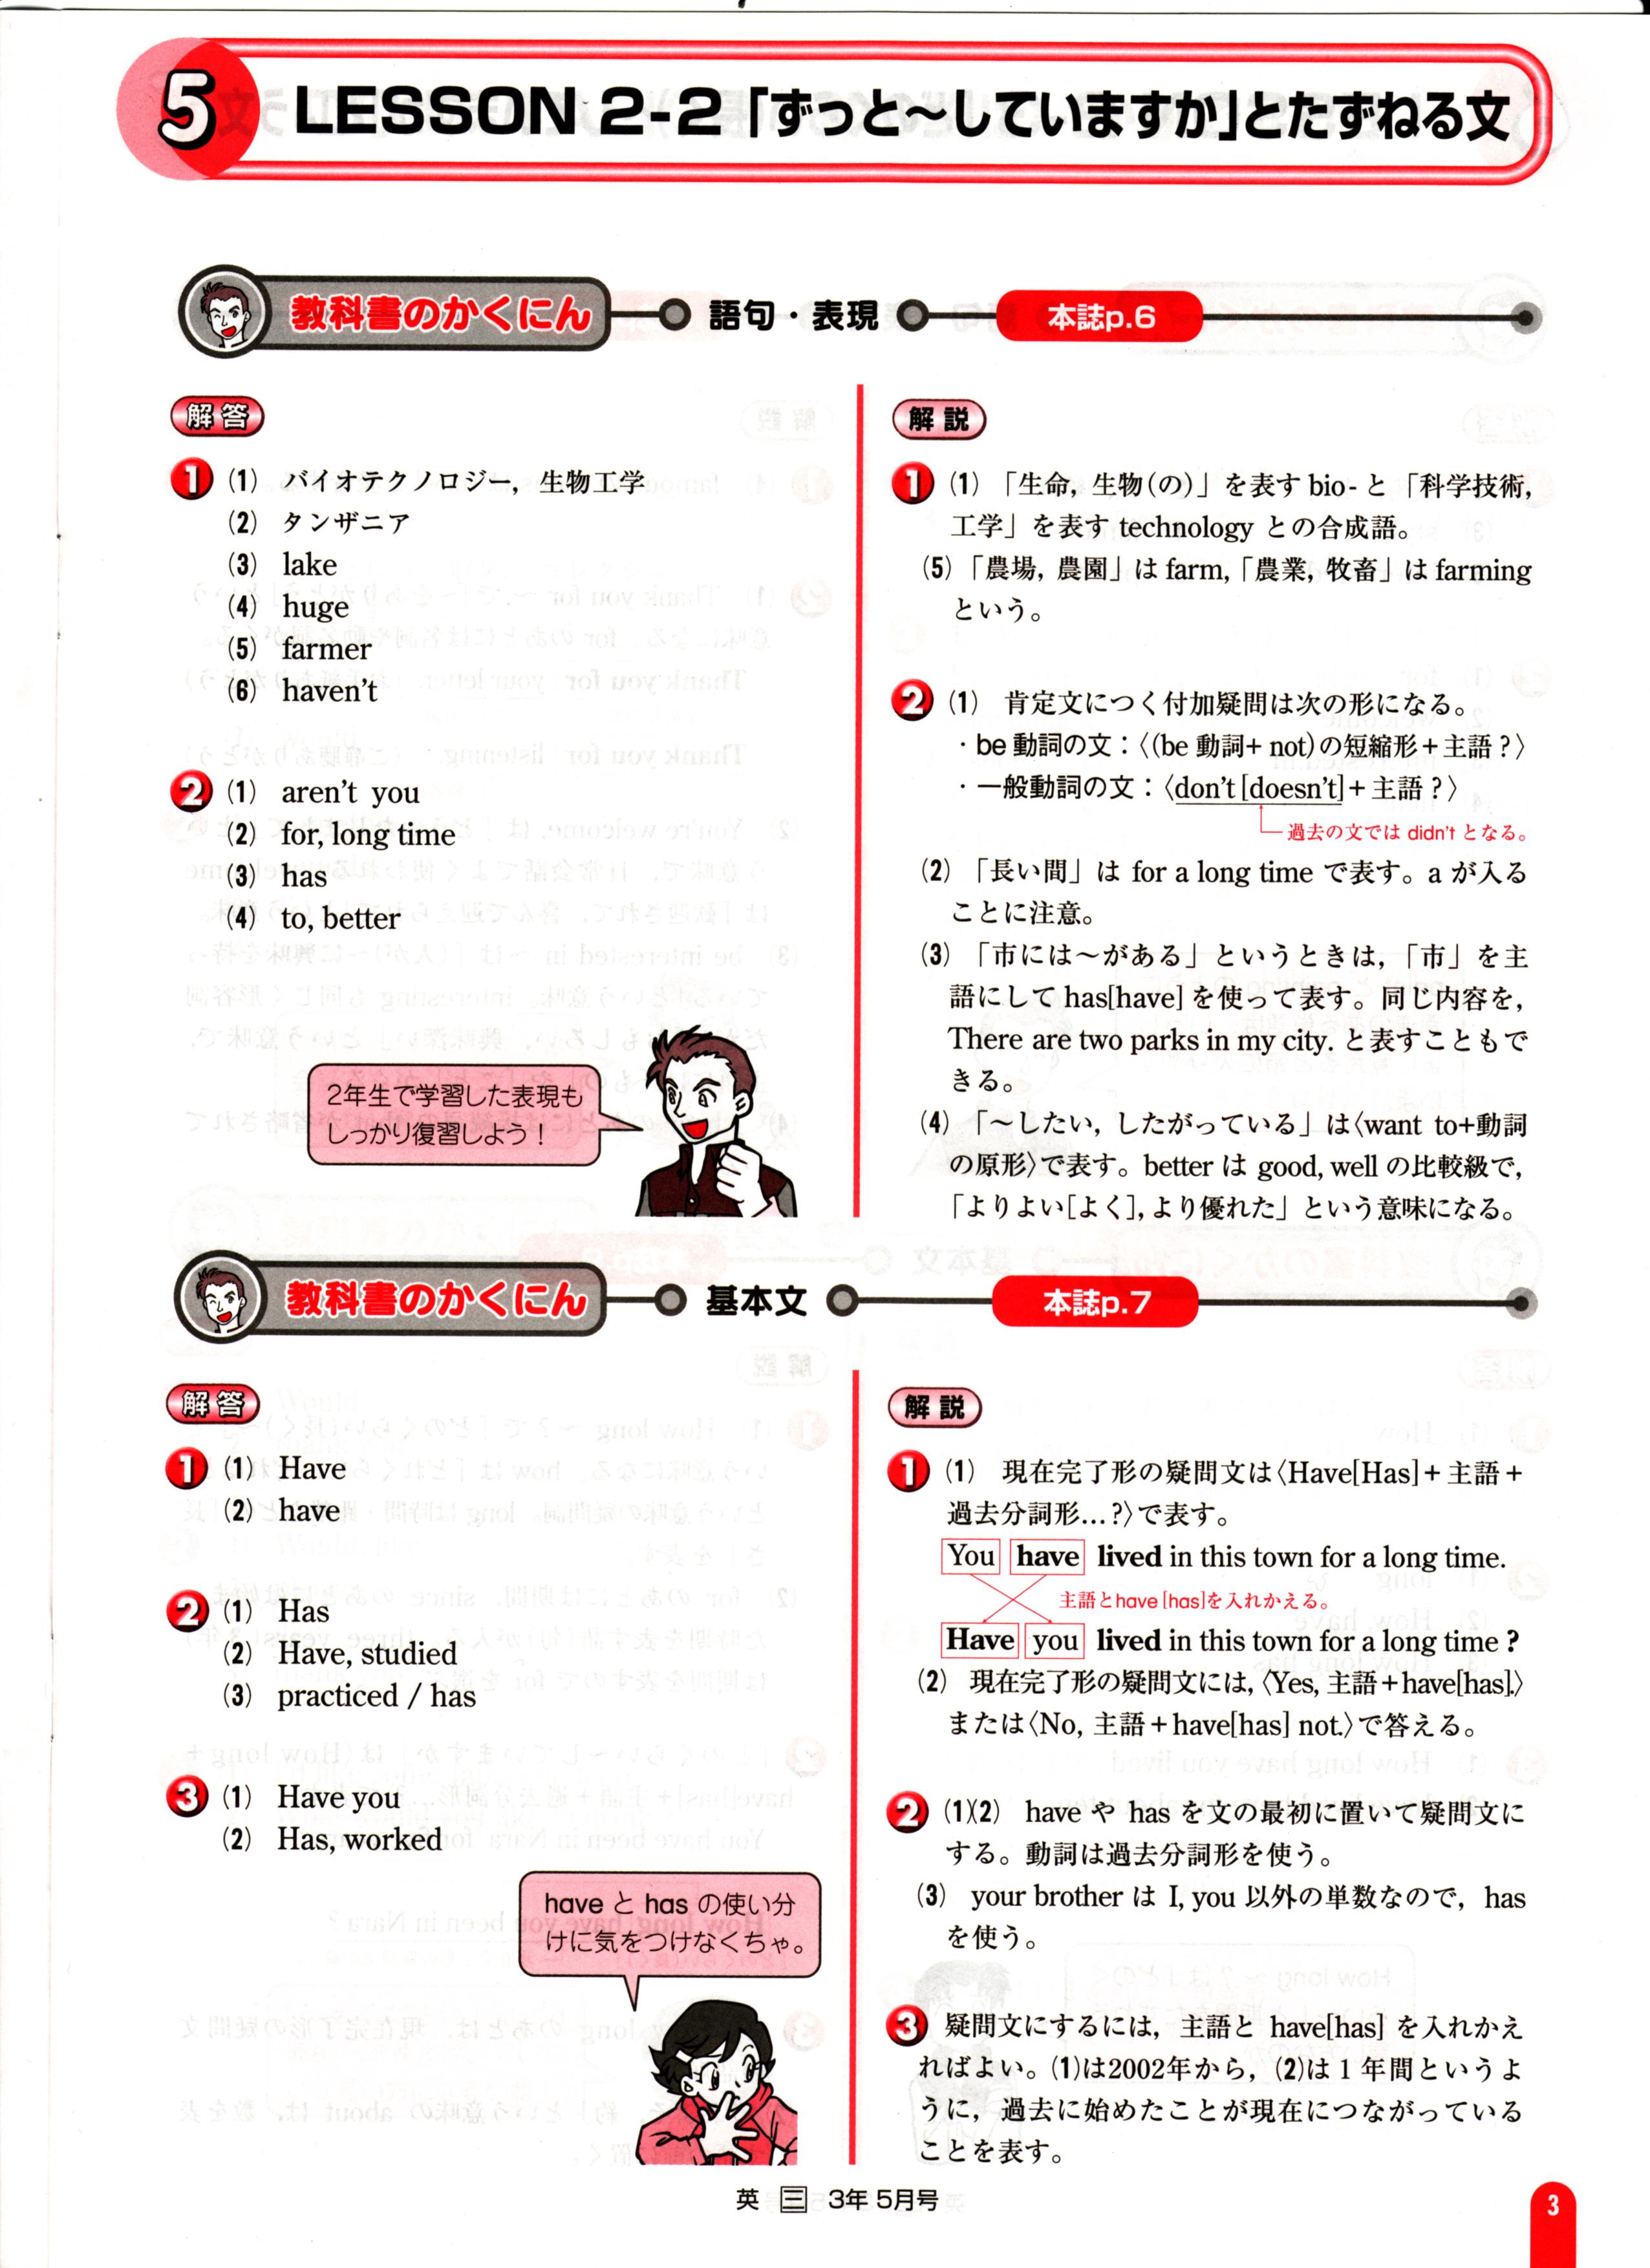 中3ポピー英語解説・解答内容